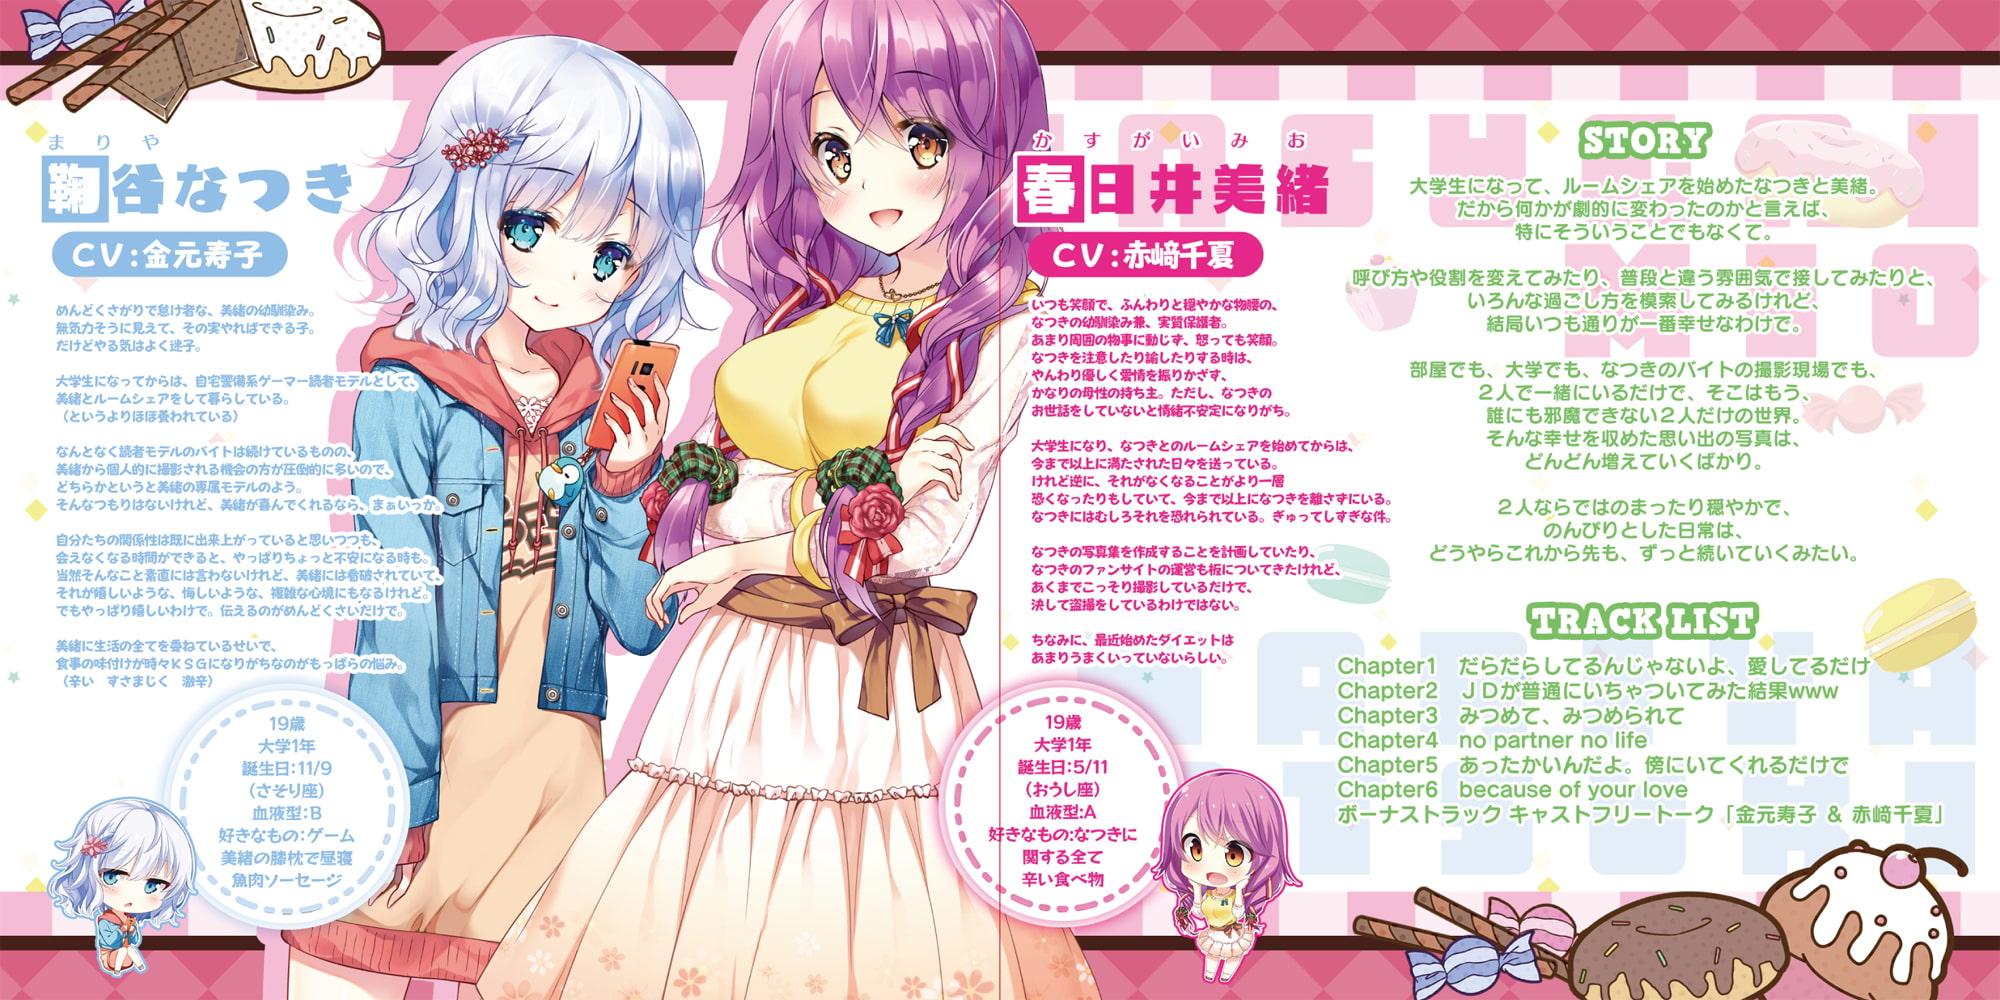 【百合ボイスドラマ】りりくる Rainbow Stage!!! ~Pure Dessert~ Vol.6『Because of You』(商品番号:RJ346020)